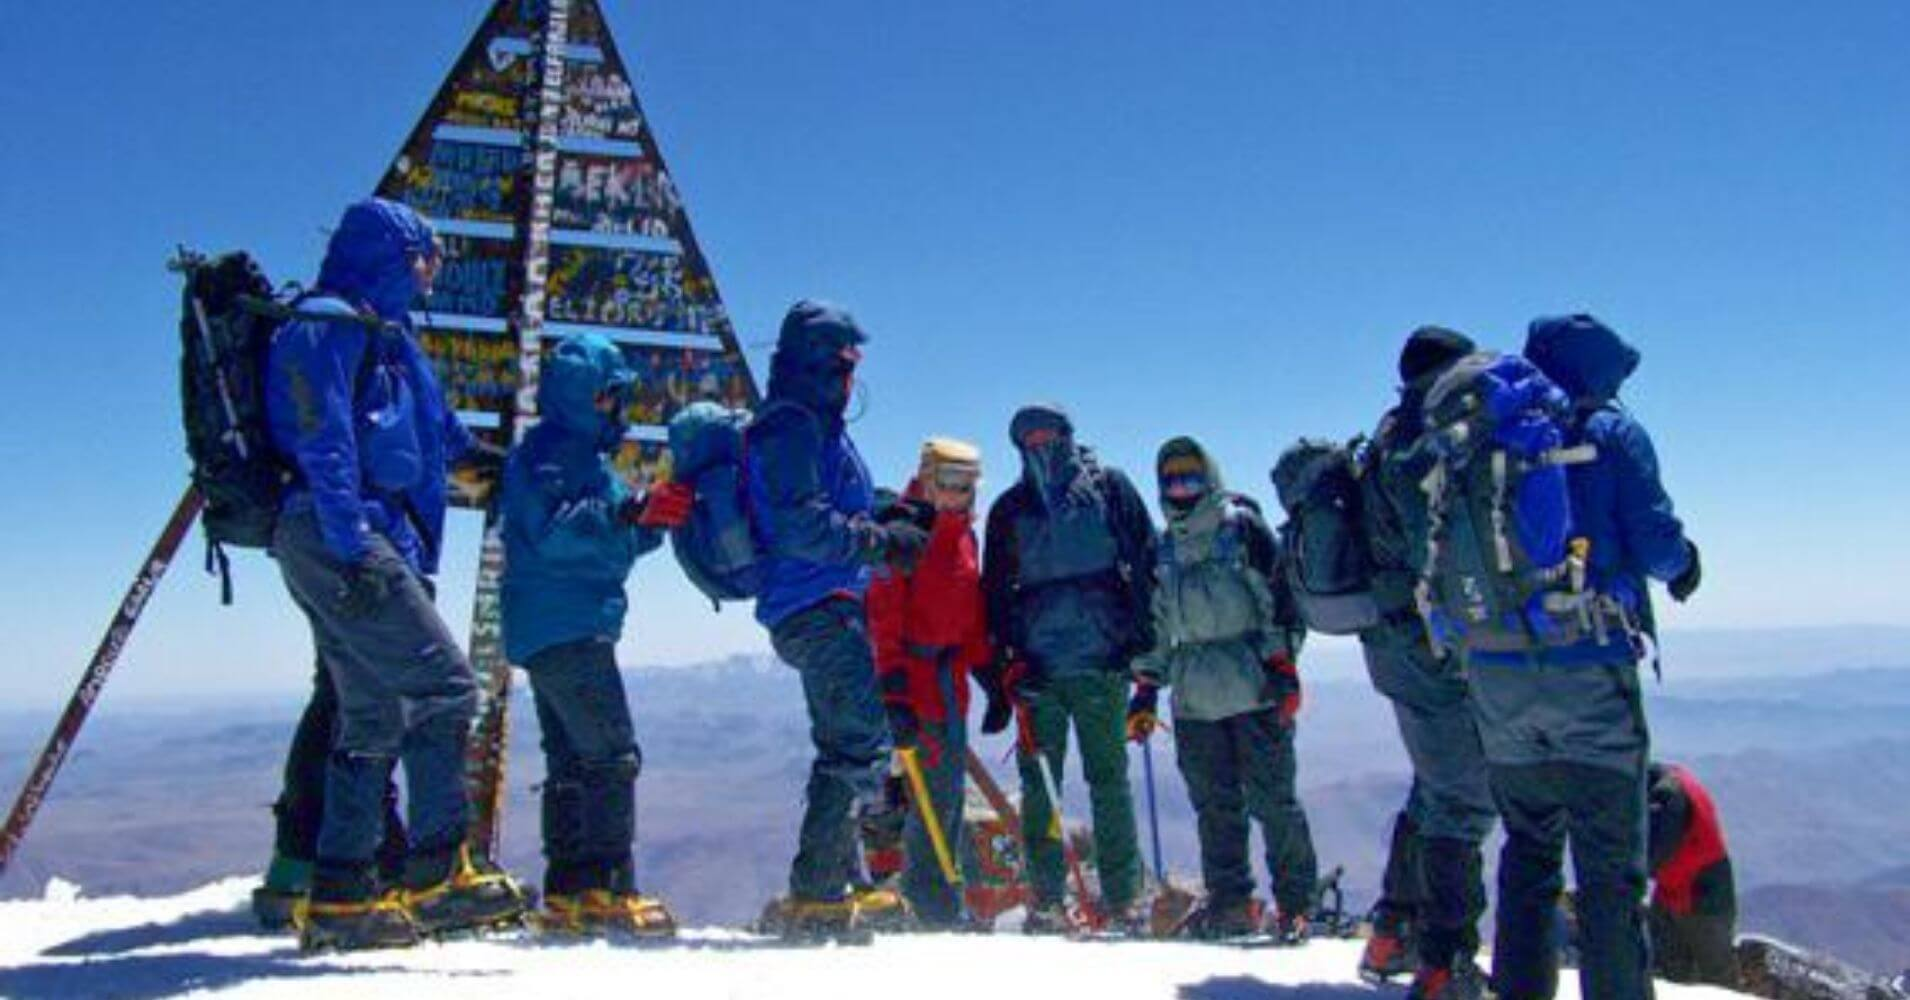 Cumbre del Toubkal, Marruecos.